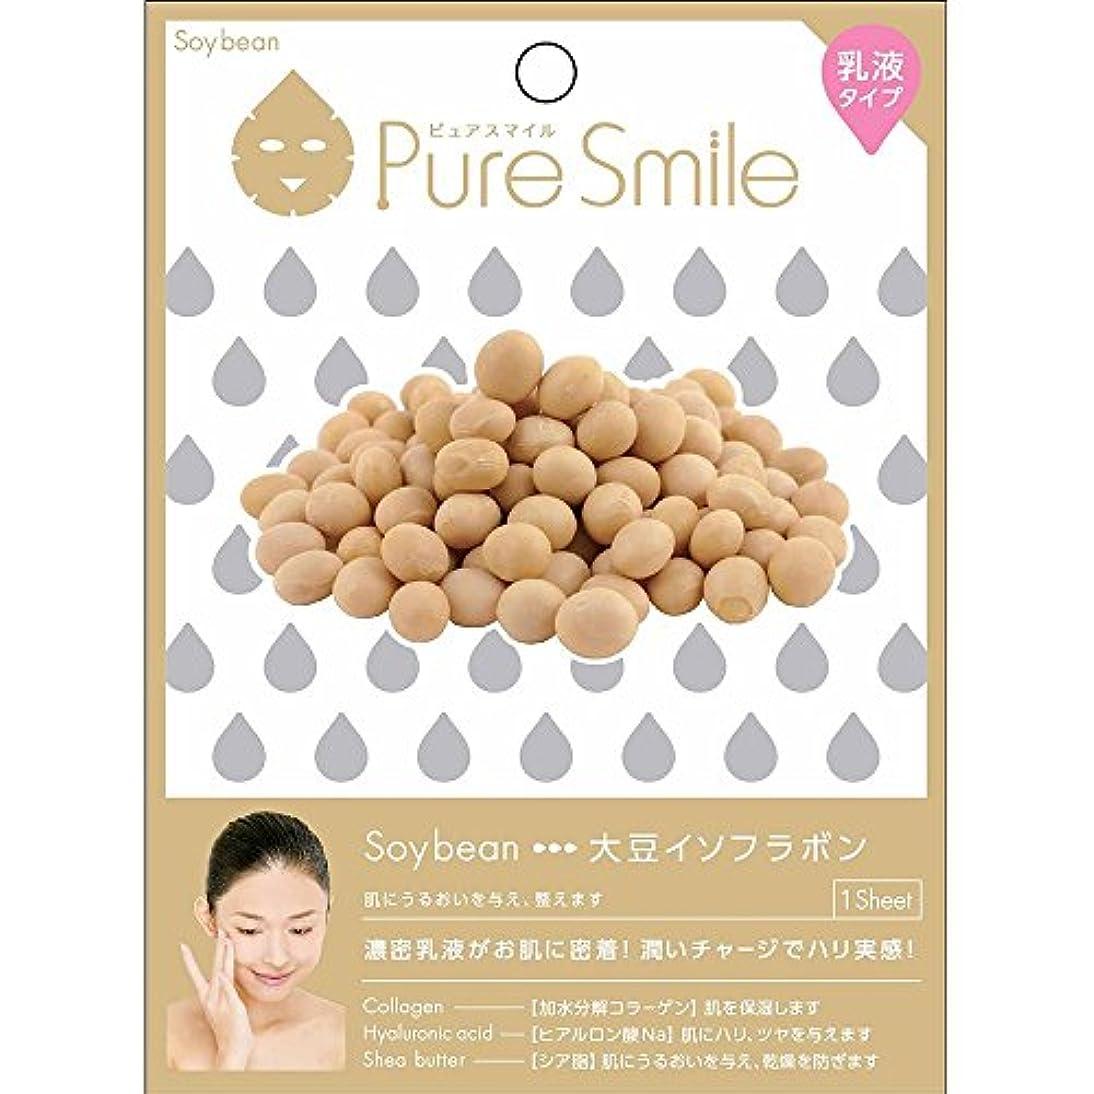 列挙する発明する文明化Pure Smile(ピュアスマイル) 乳液エッセンスマスク 1 枚 大豆イソフラボン